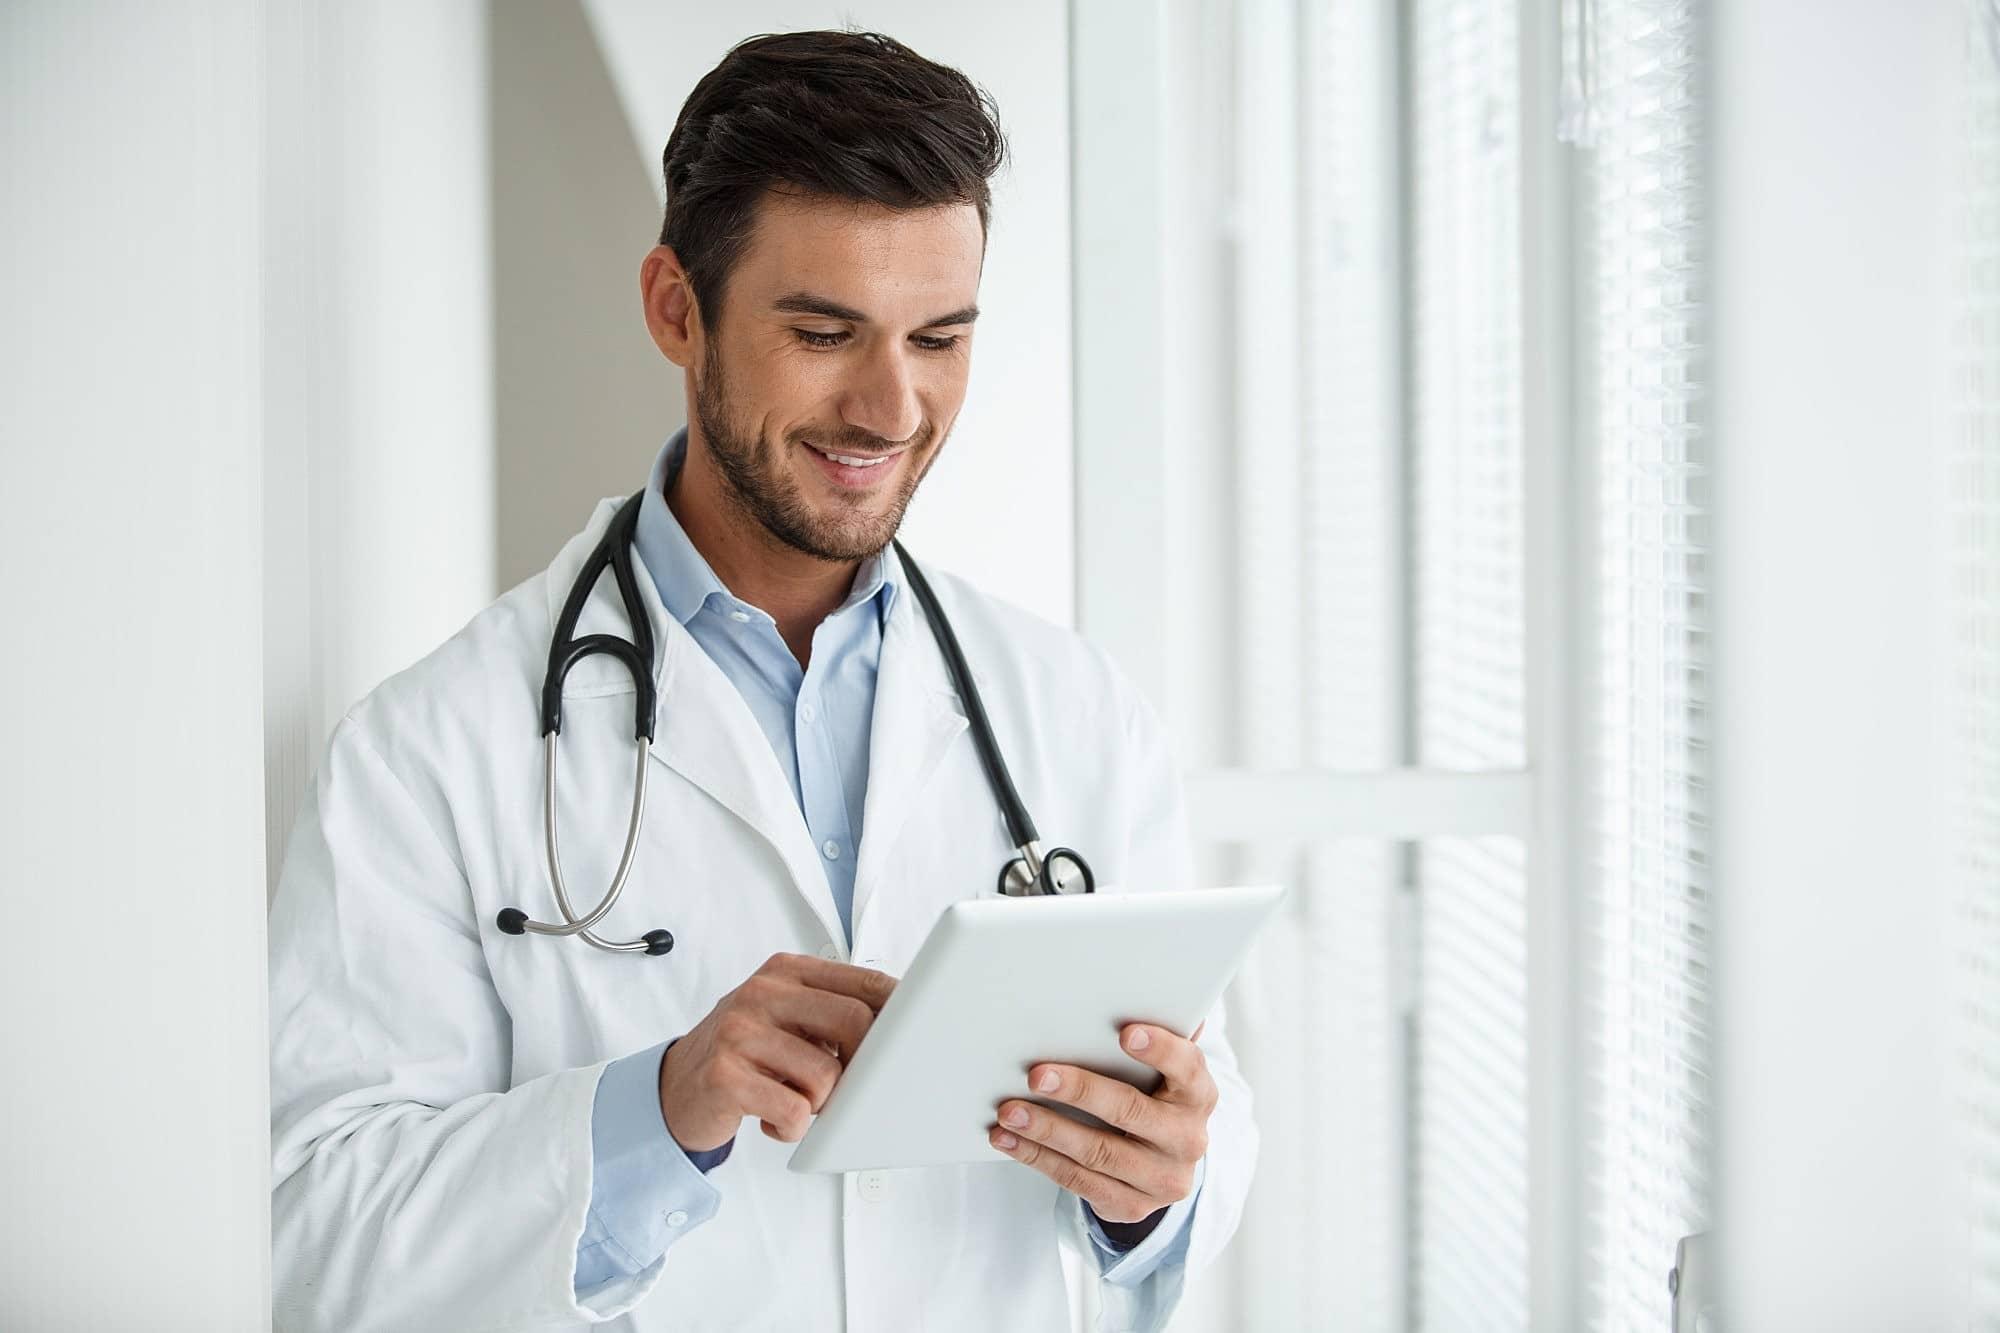 Como a Anamnese Médica pode melhorar a qualidade do atendimento em sua clínica?